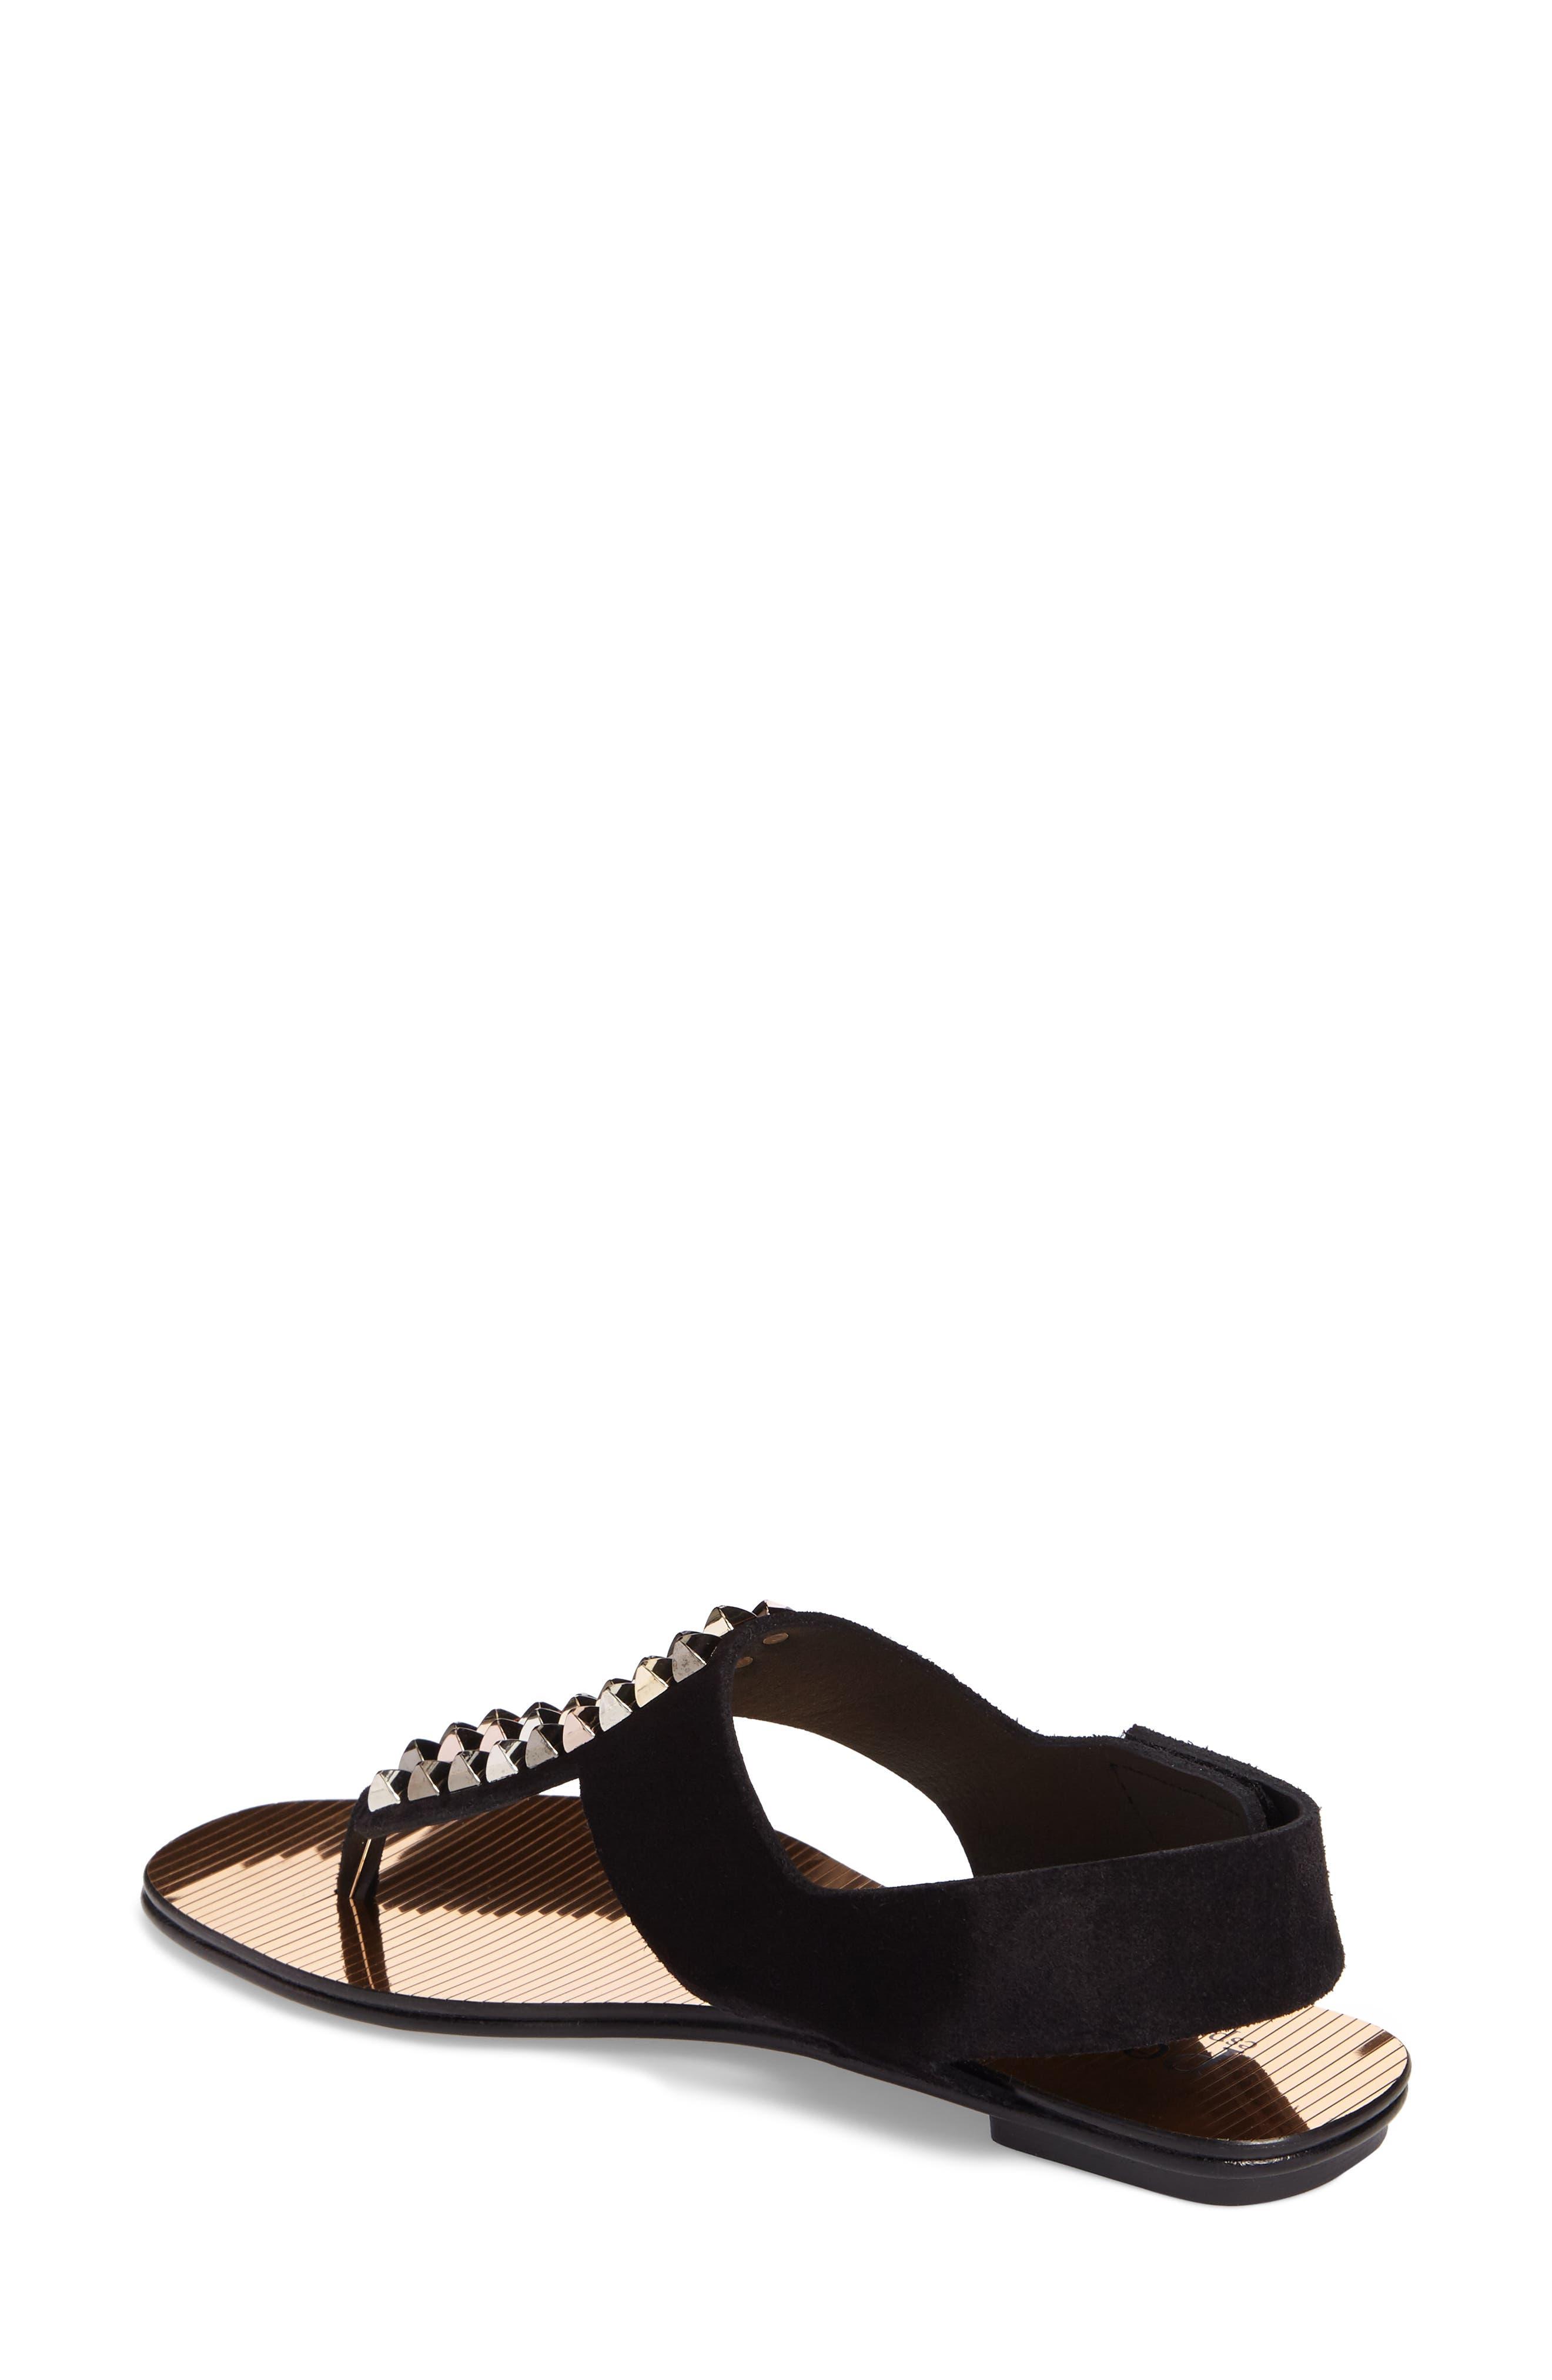 Enid Studded T-Strap Sandal,                             Alternate thumbnail 2, color,                             Black Castoro/ Gold